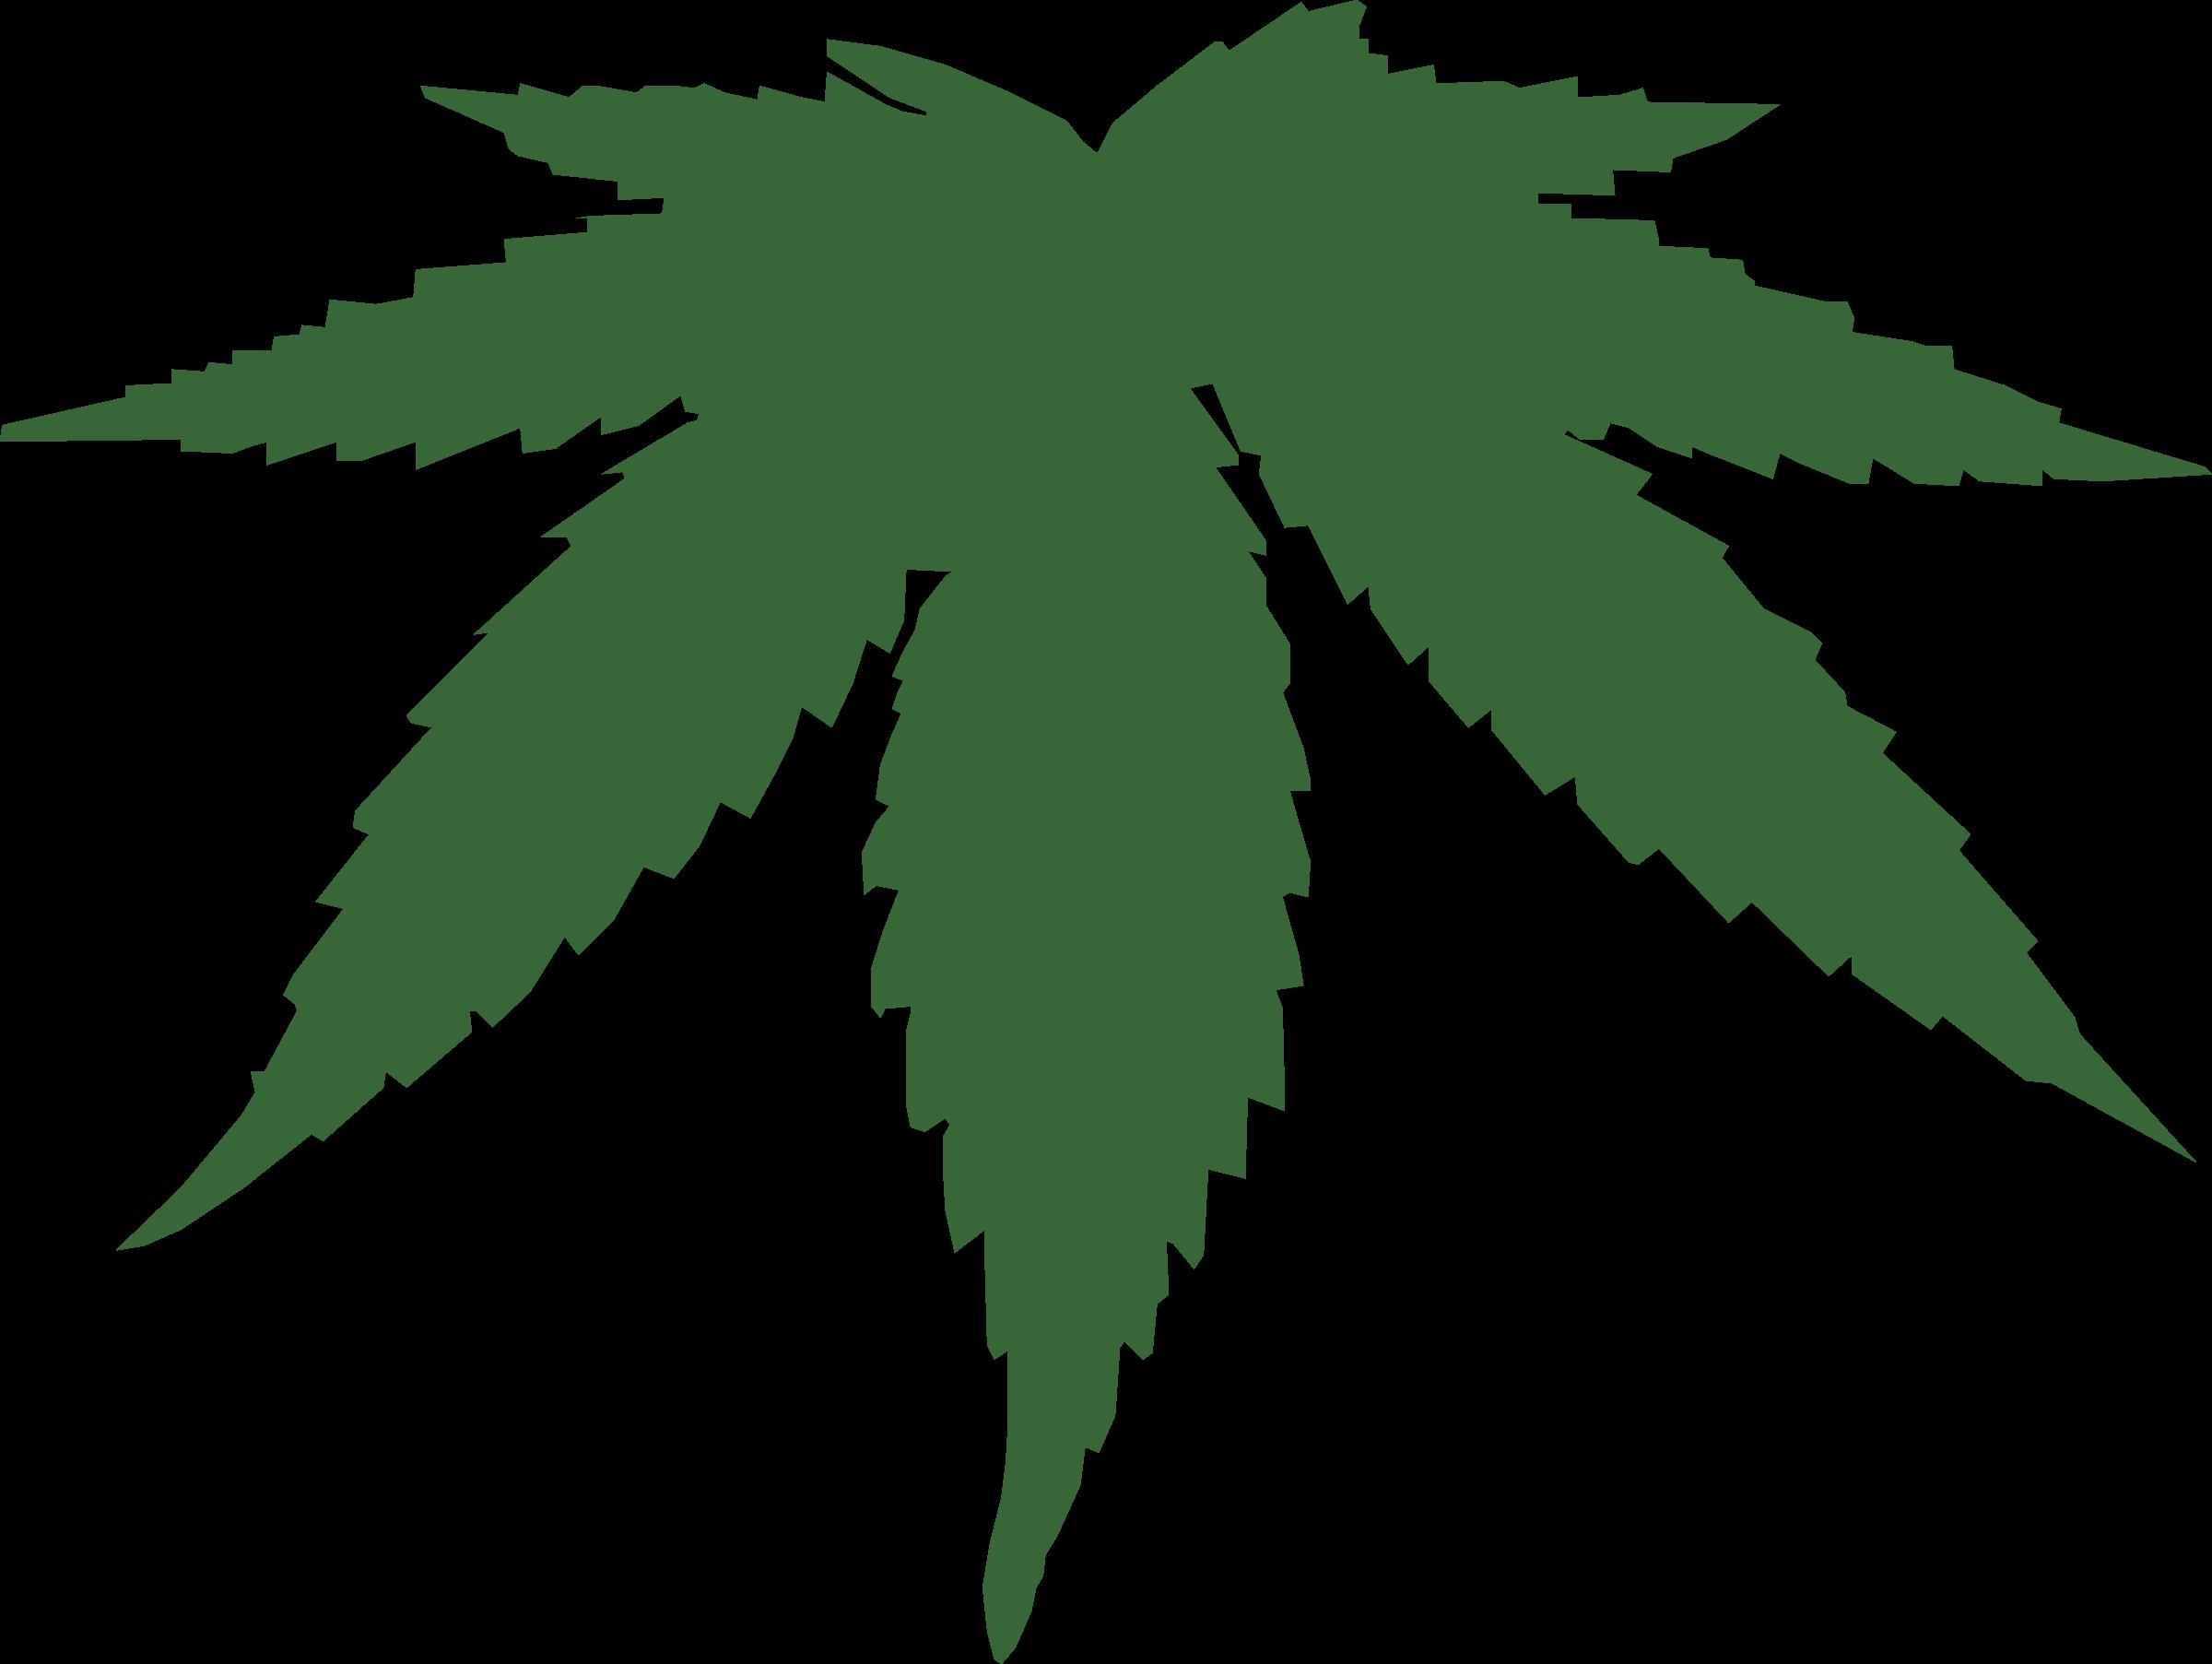 Drawn pot plant leaf silhouette Cannabis Clipart leaf cannabis leaf